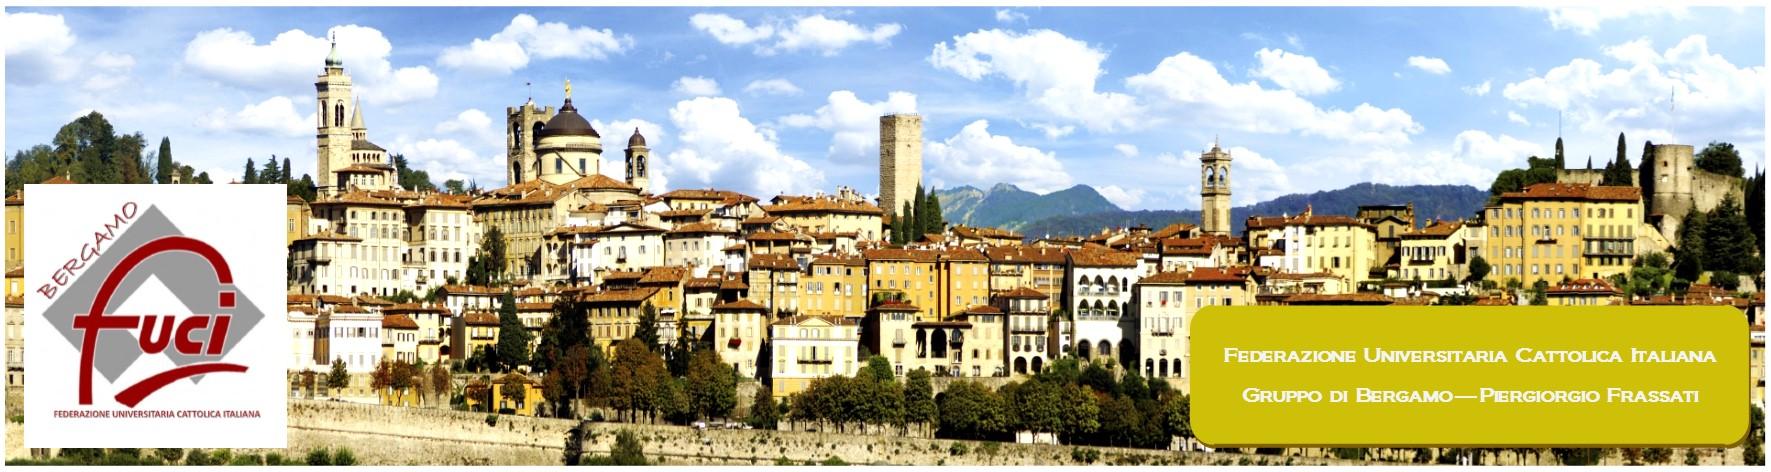 FUCI Federazione Universitaria Cattolica Italiana - Gruppo di Bergamo